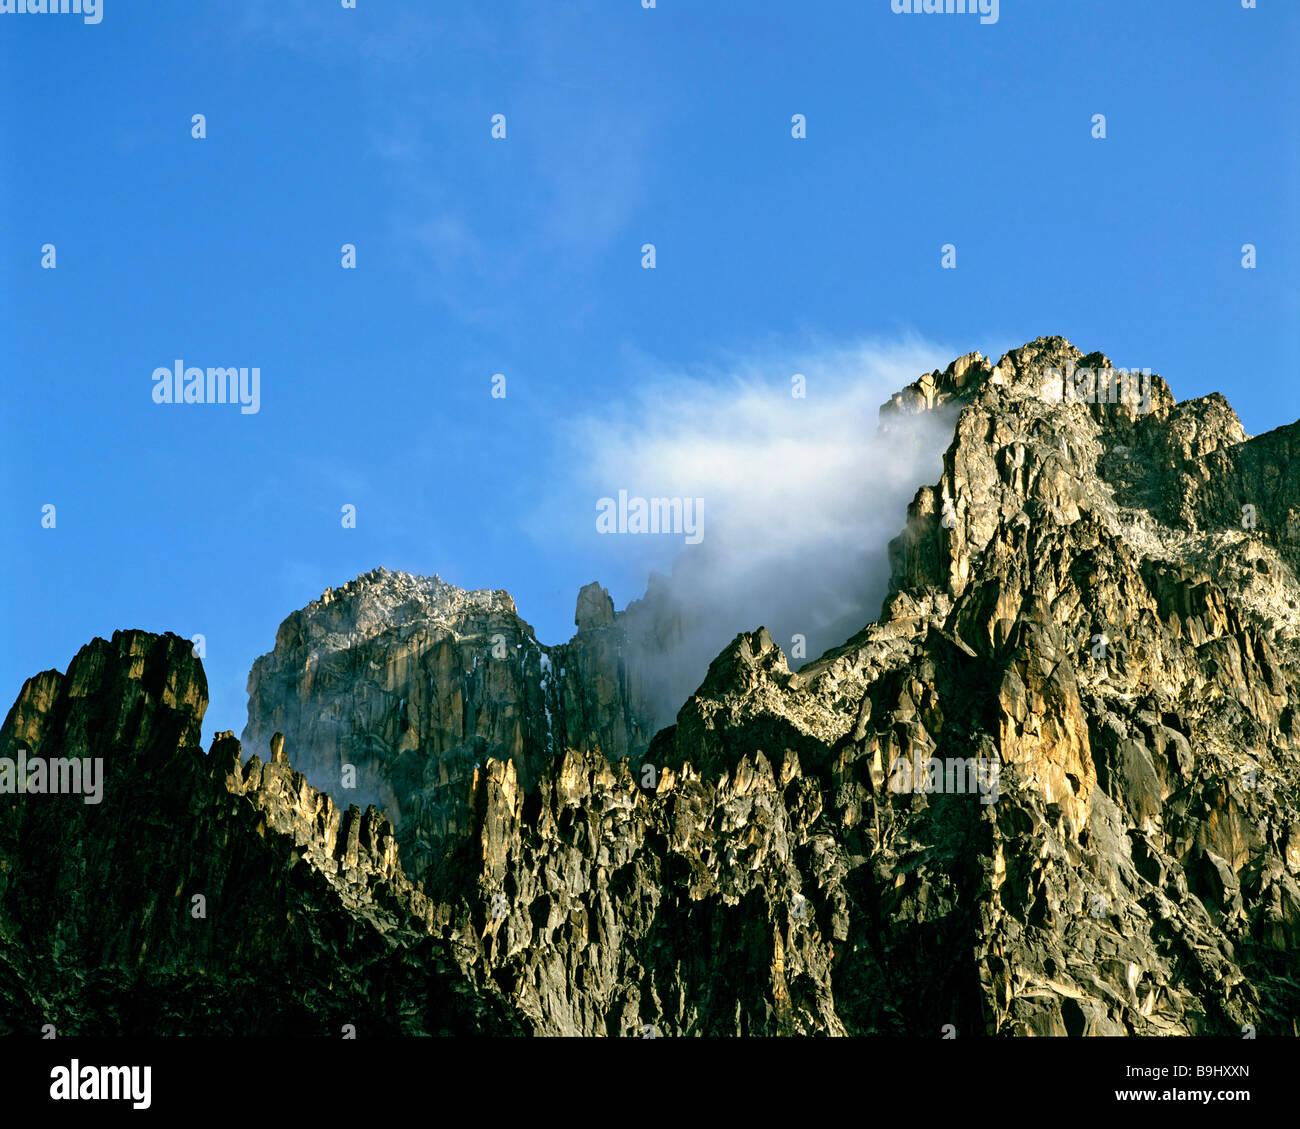 Monte Kenia, Kenia, África Central Foto de stock